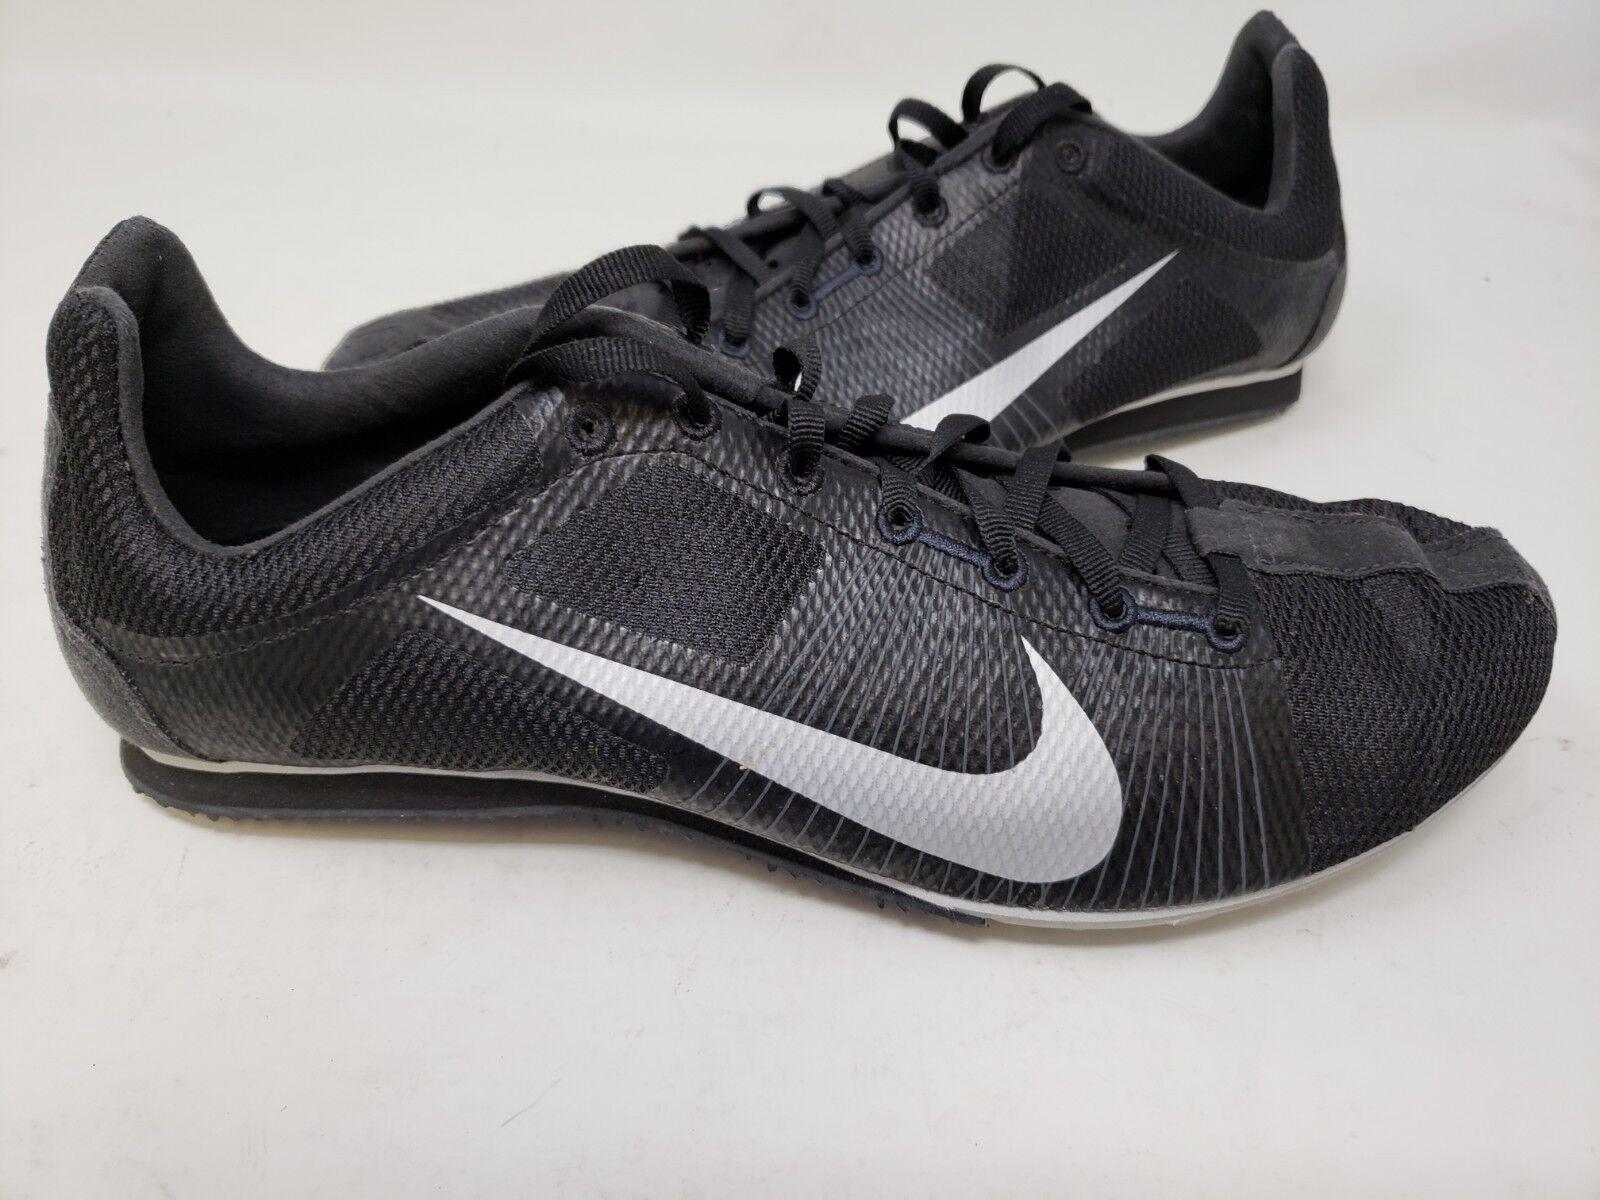 di nuovo!nike nuovo!nike nuovo!nike gli zoom rivale s atletica allacciarsi le scarpe nero / grigio 187q fo   Prodotti di alta qualità    Gentiluomo/Signora Scarpa  d538b0